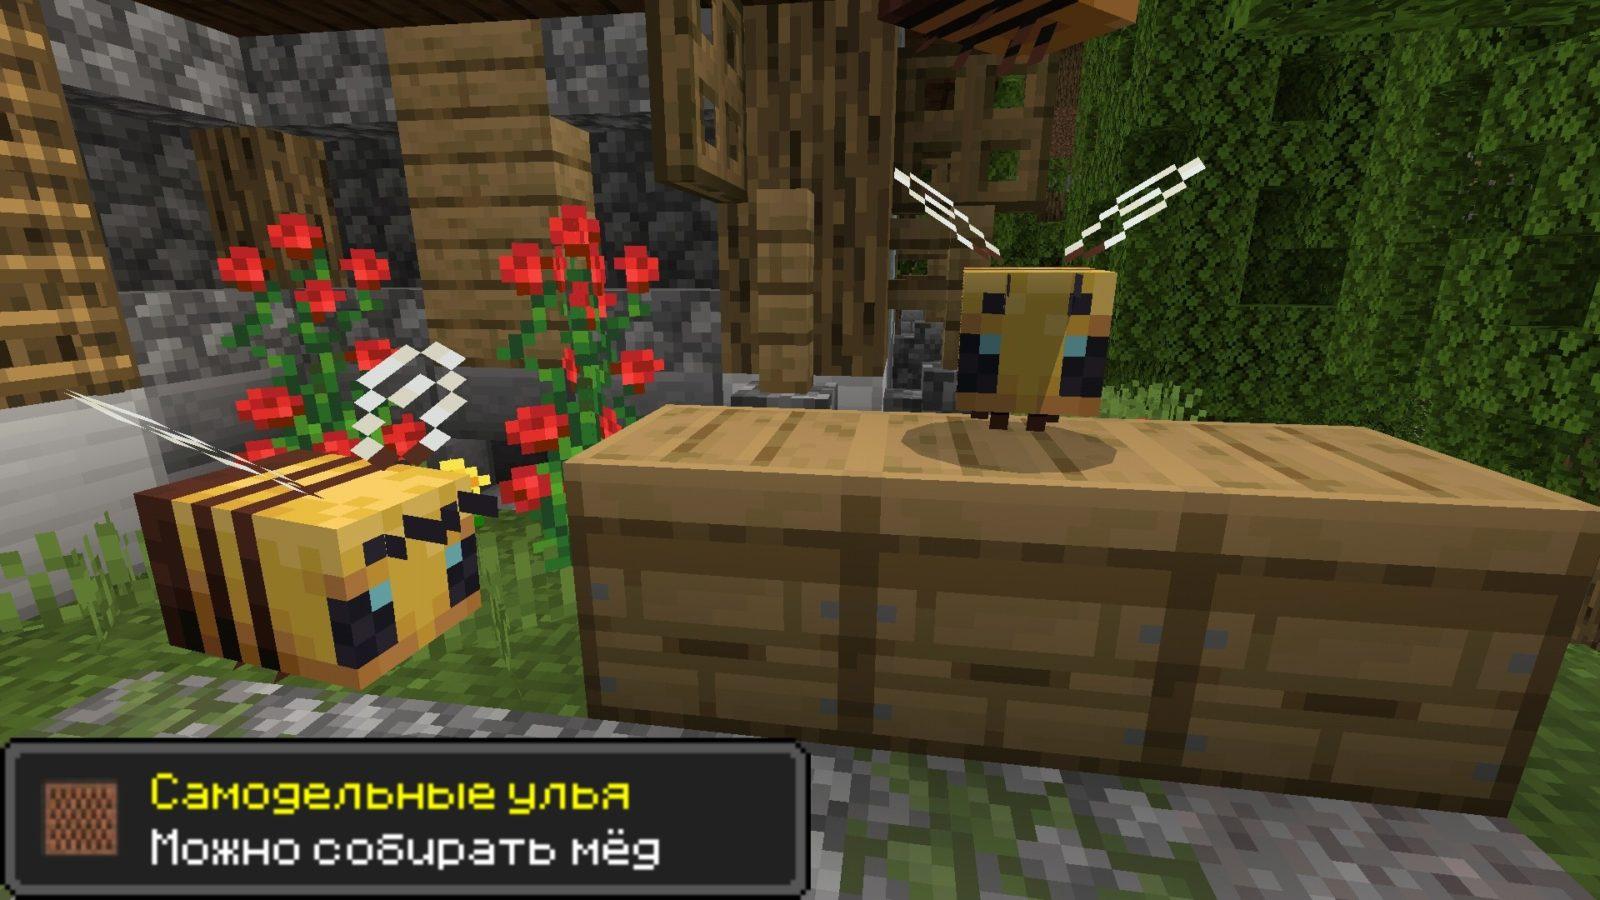 Samodelnie yliya Minecraft PE 1.14.30.51